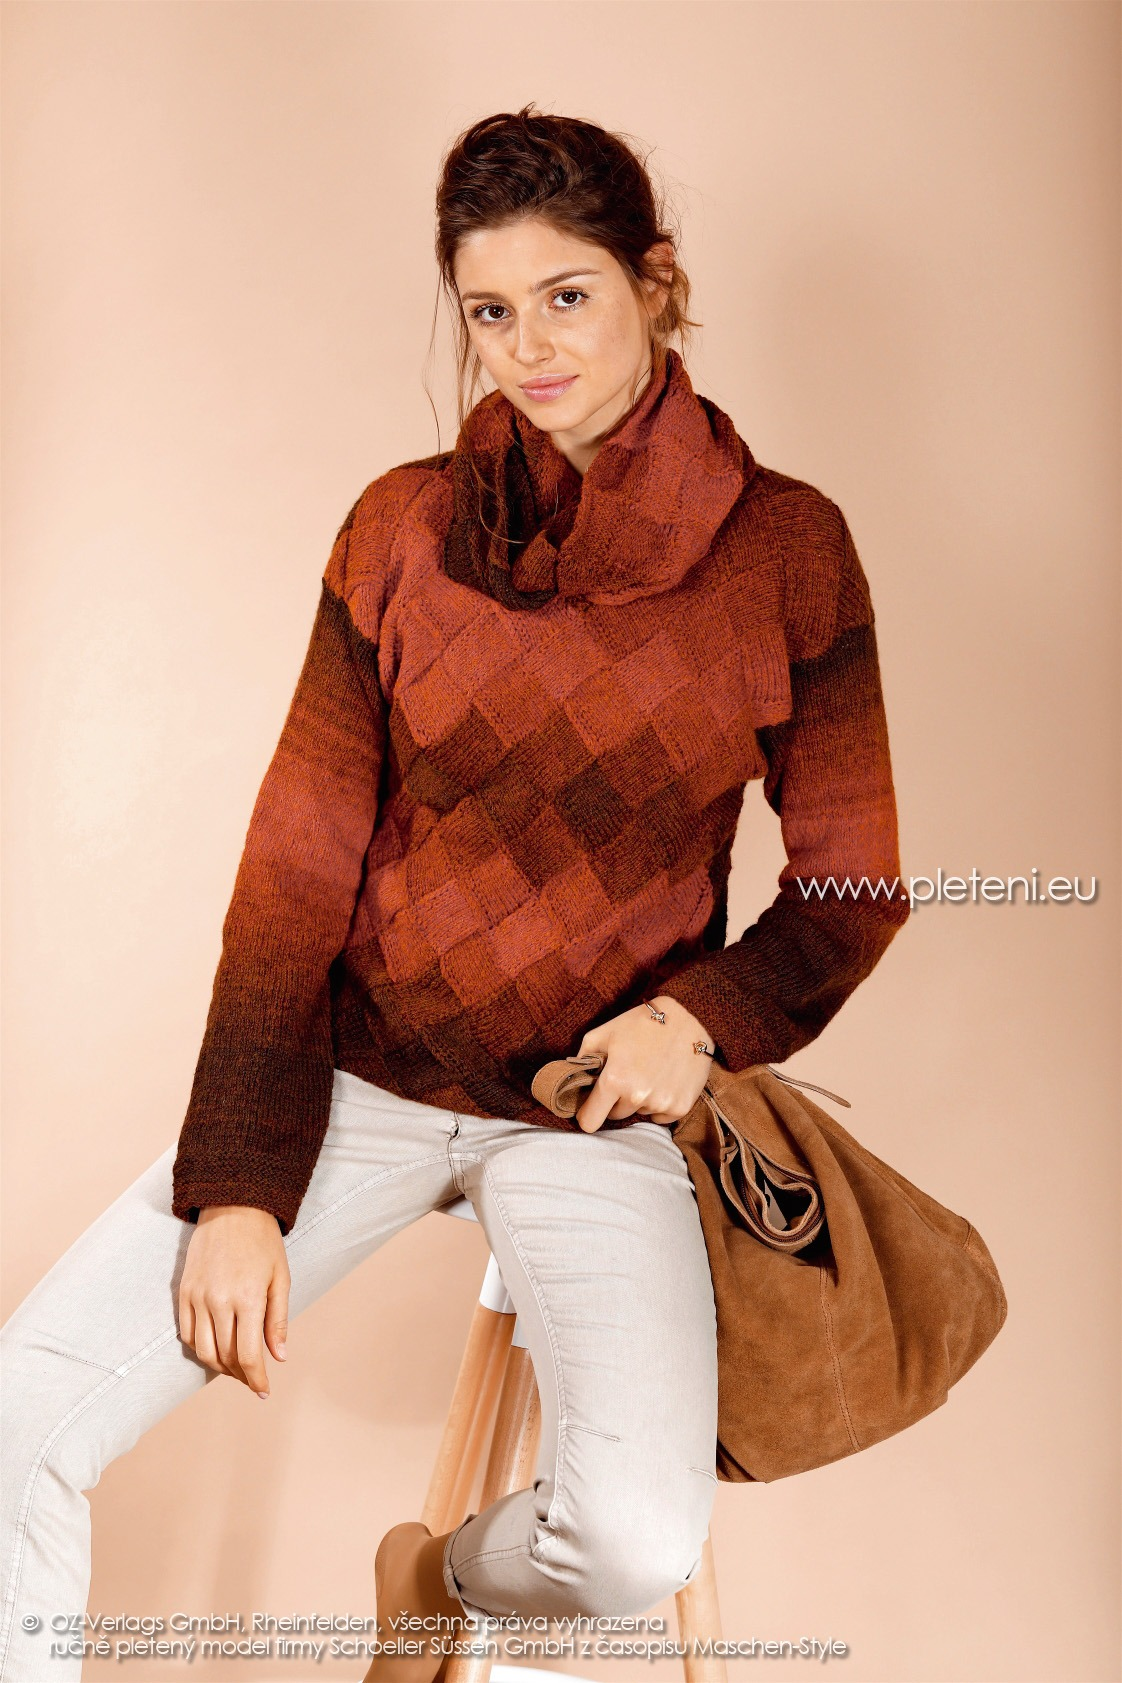 2017-2018 modely 24 dámský pletený svetr a 25 nákrčník z příze Ambra Color firmy Schoeller